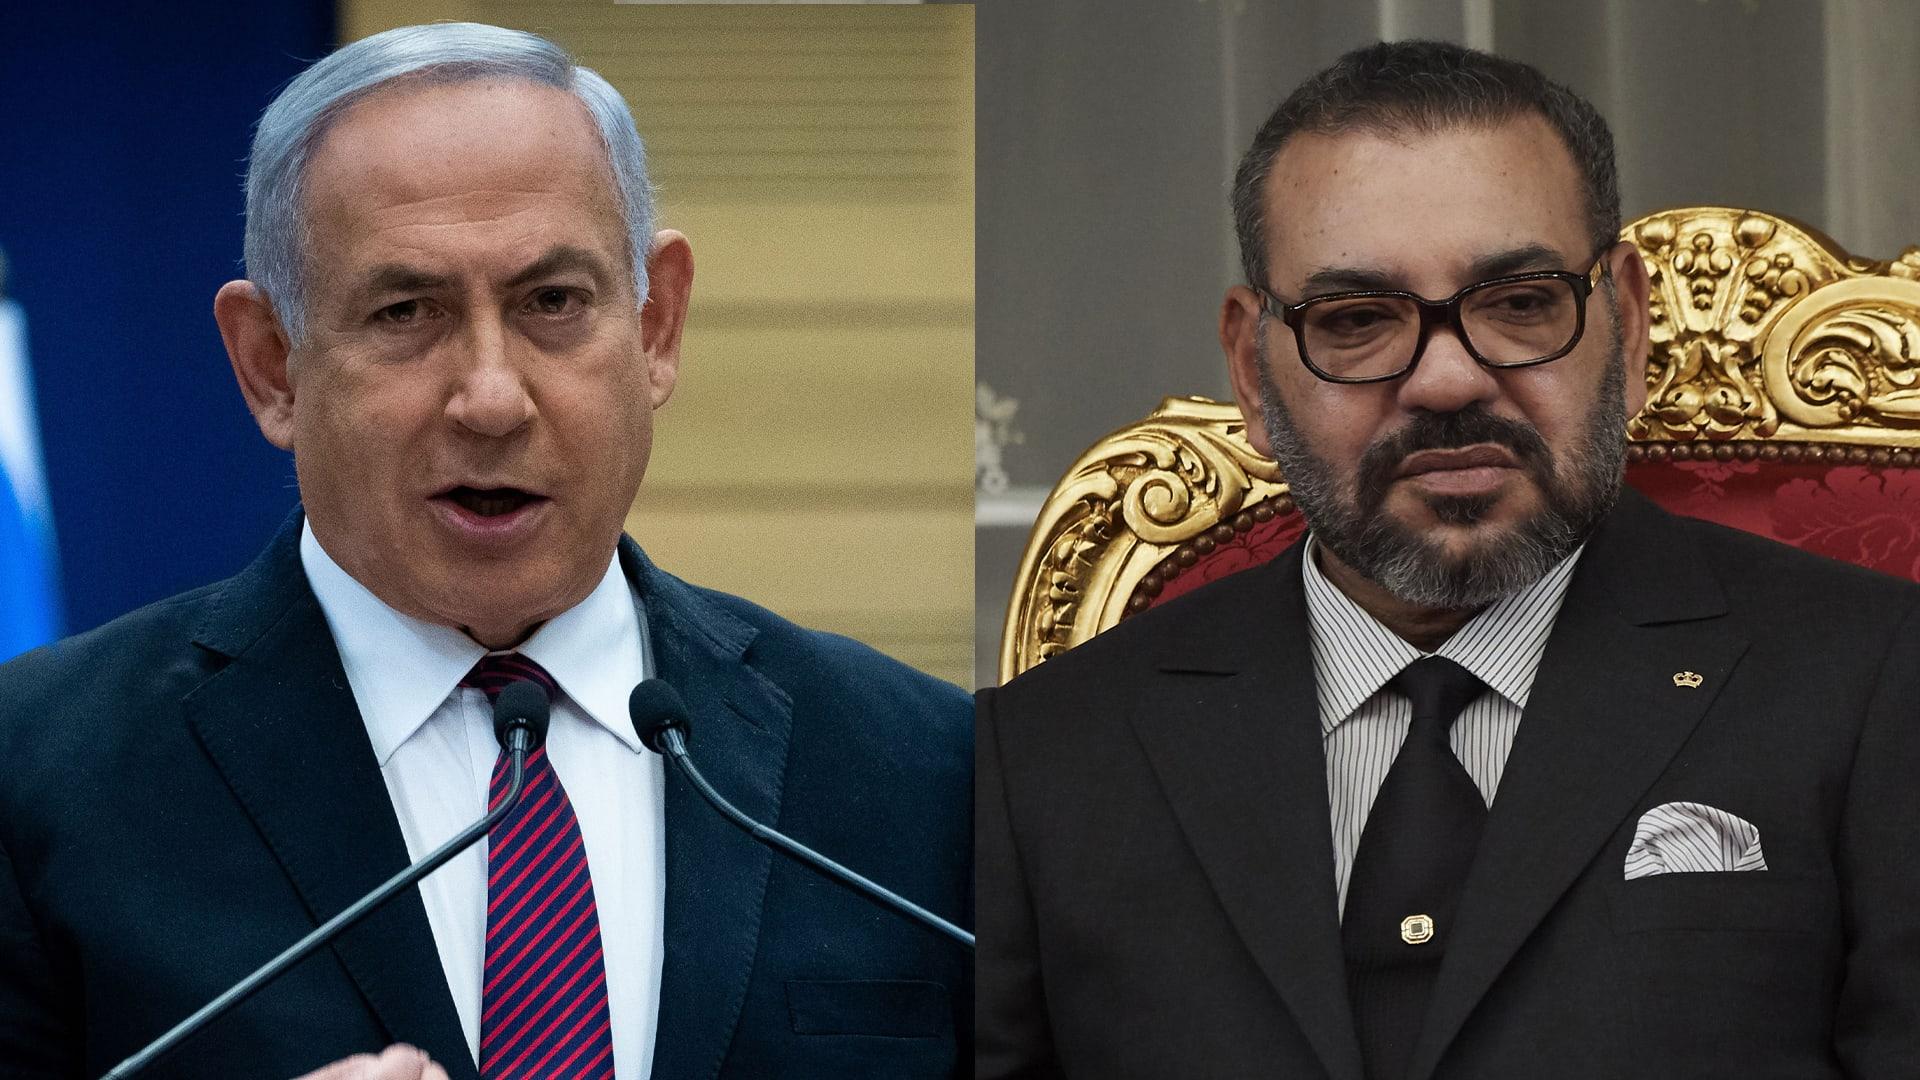 أول تعليق لنتنياهو والملك محمد السادس على إعلان ترامب التطبيع بين المغرب وإسرائيل